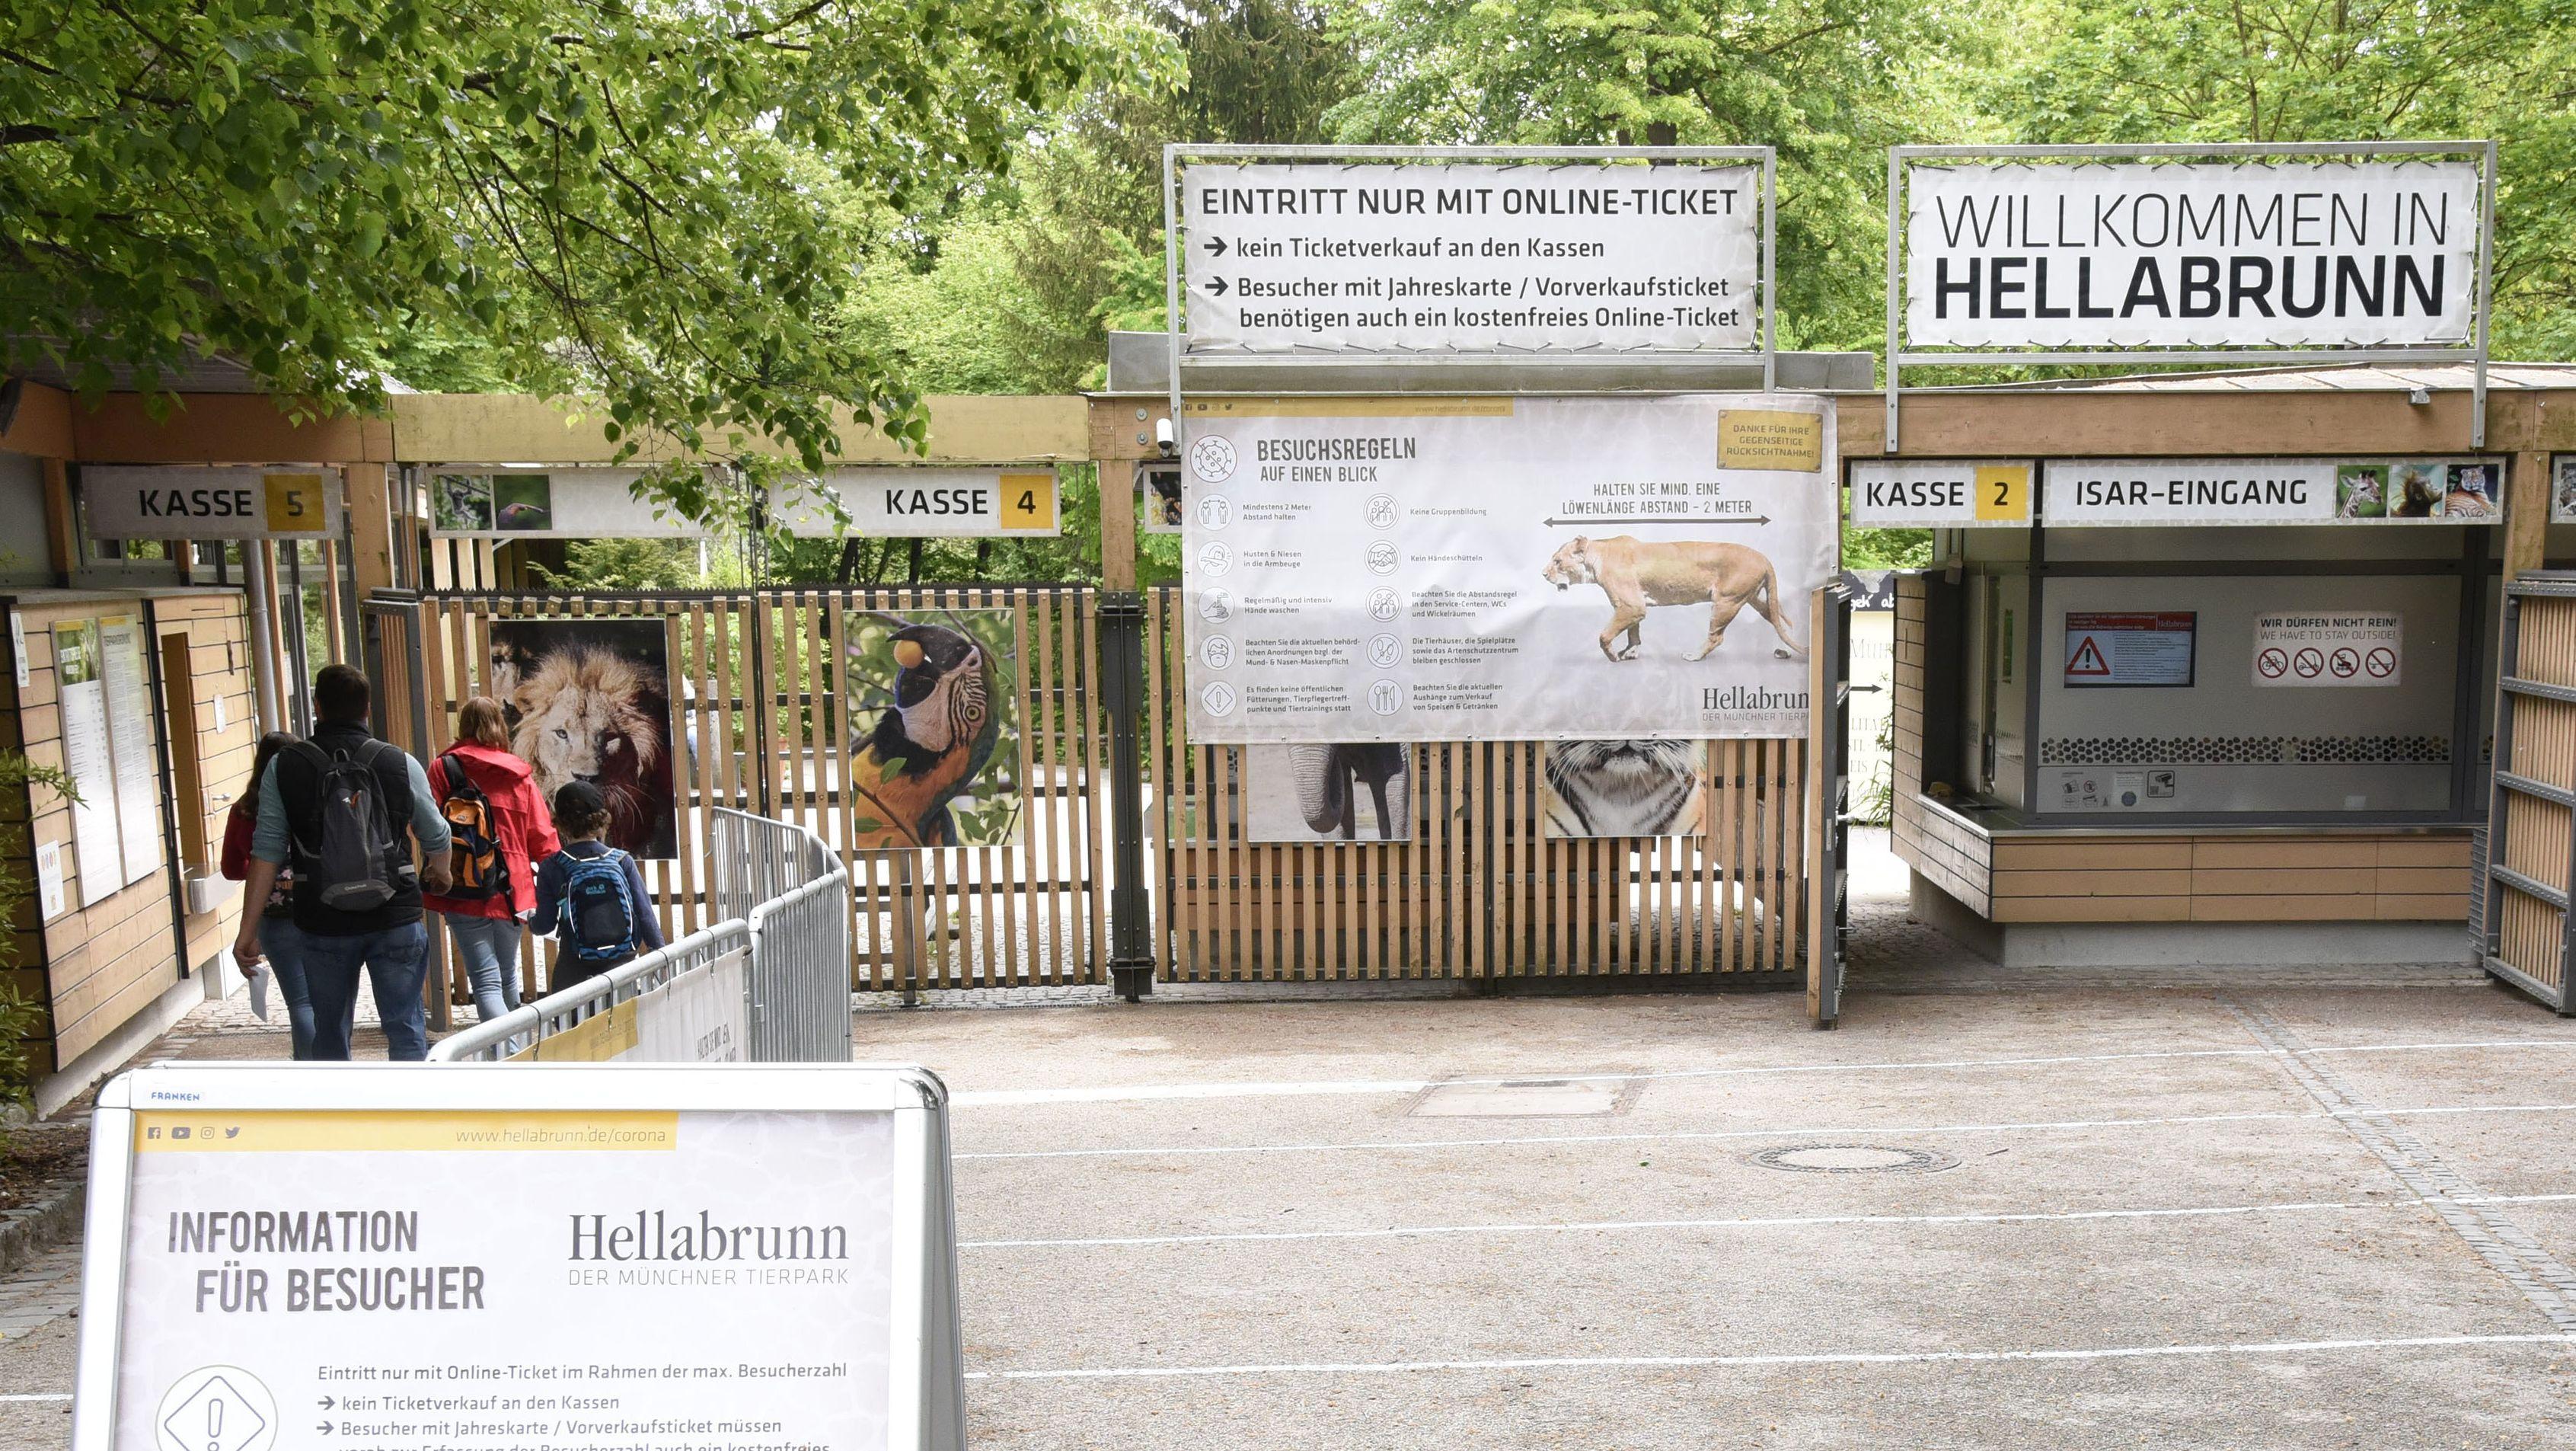 Am Isar-Eingang des Münchner Tierparks Hellabrunn hängen Tafeln und Plakate, die über die Besuchsregeln informieren und darauf, dass der Eintritt nur mit einem vorher gekauften Online-Ticket möglich ist.